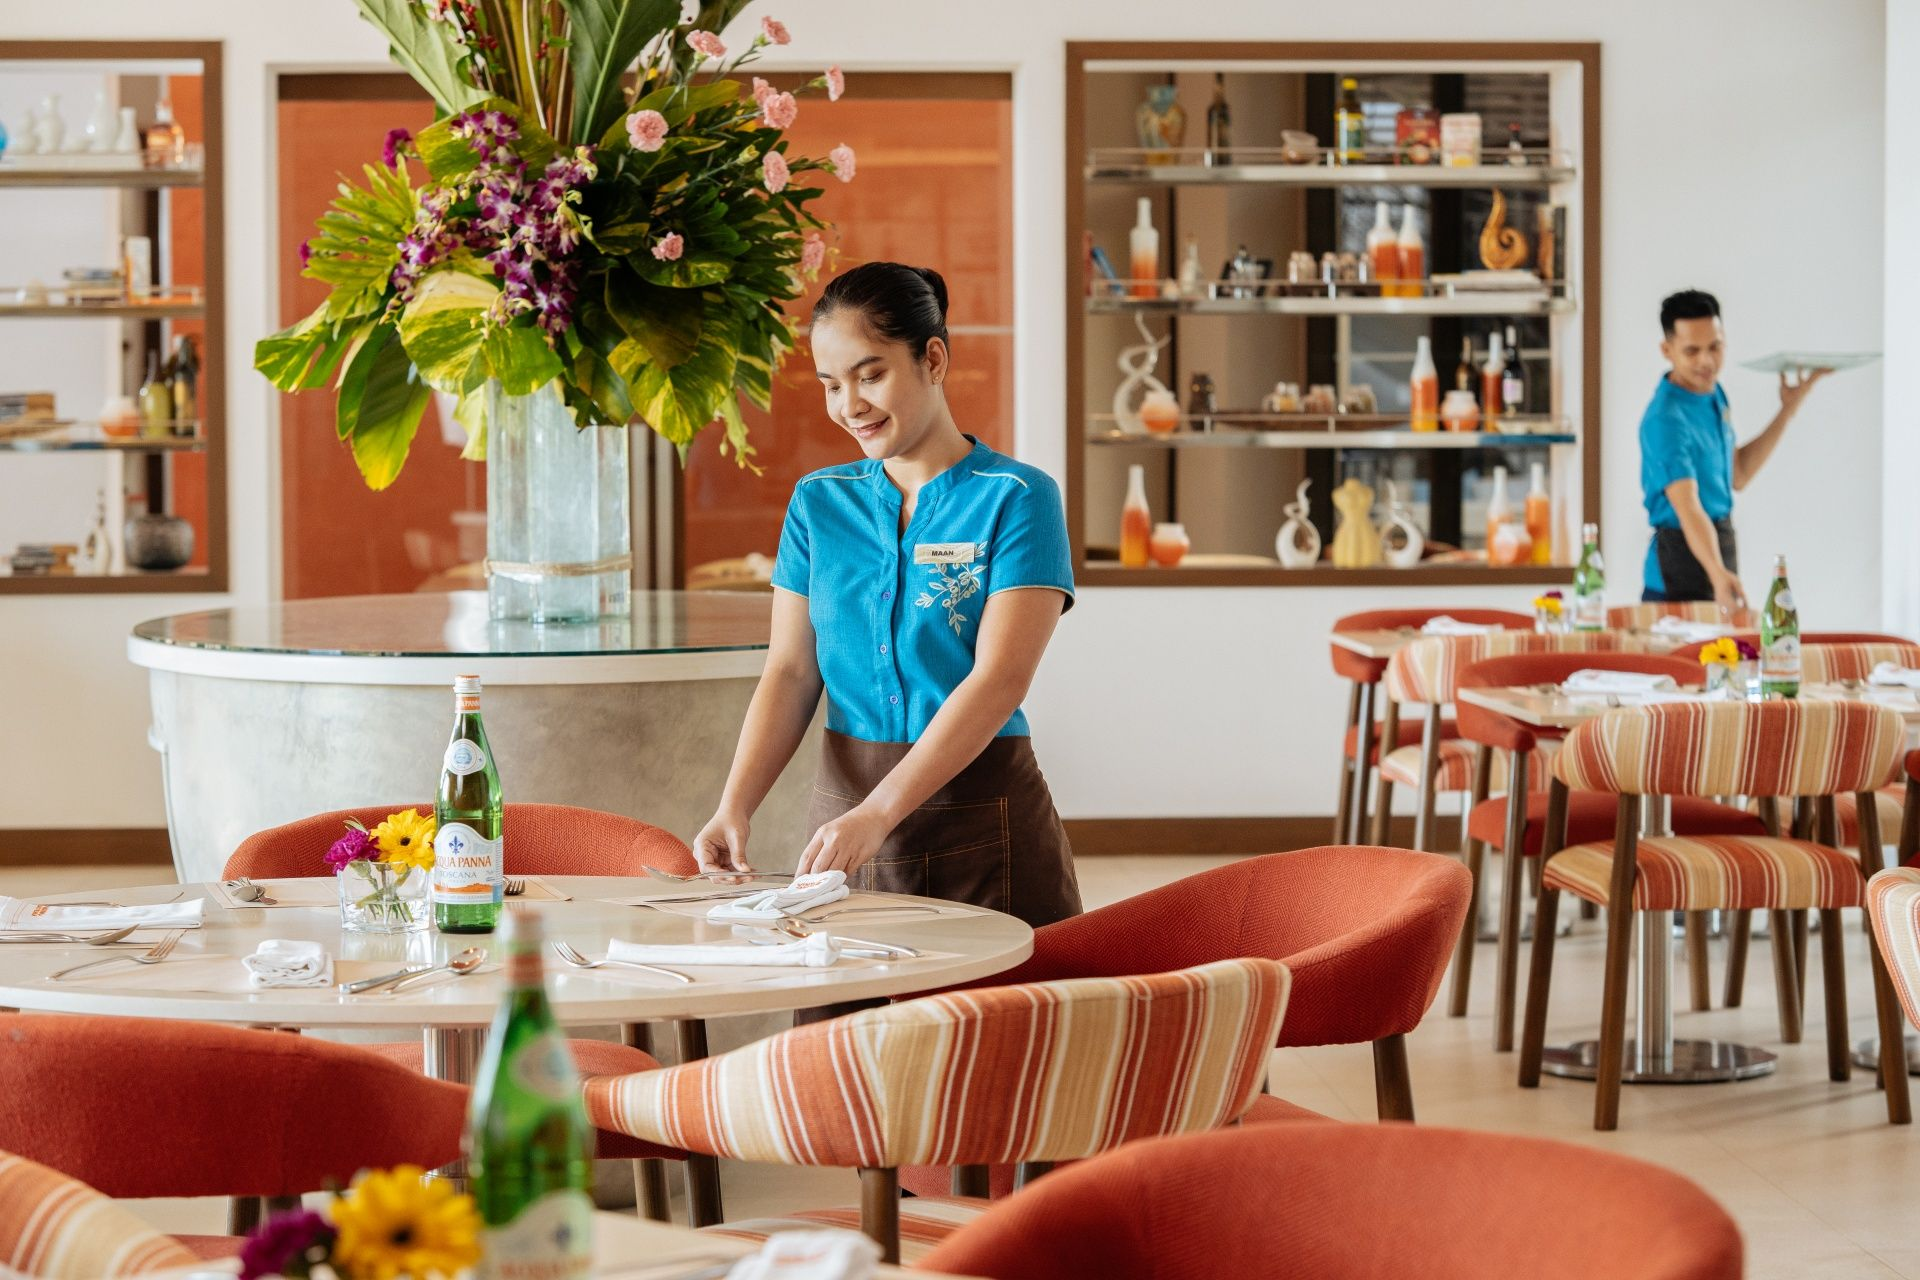 Forno Osteria brings tastes of Italy to beautiful Boracay